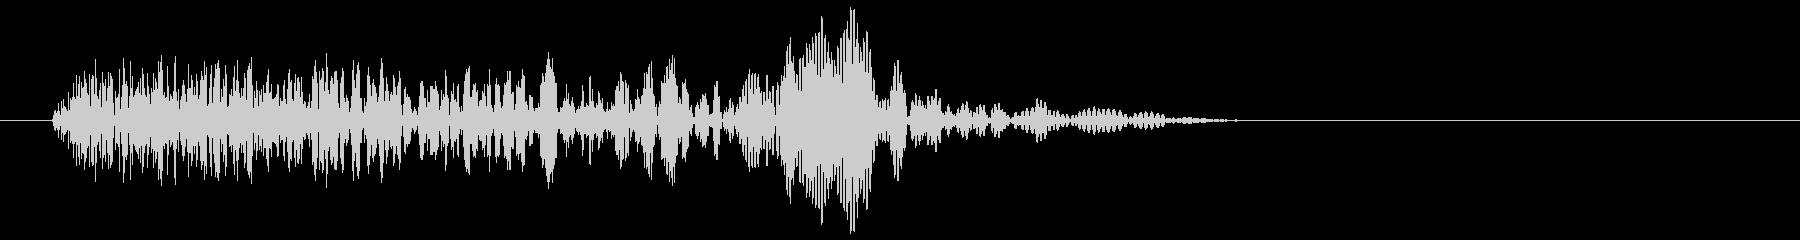 ピュンッ!短めの風切り電子の効果音の未再生の波形